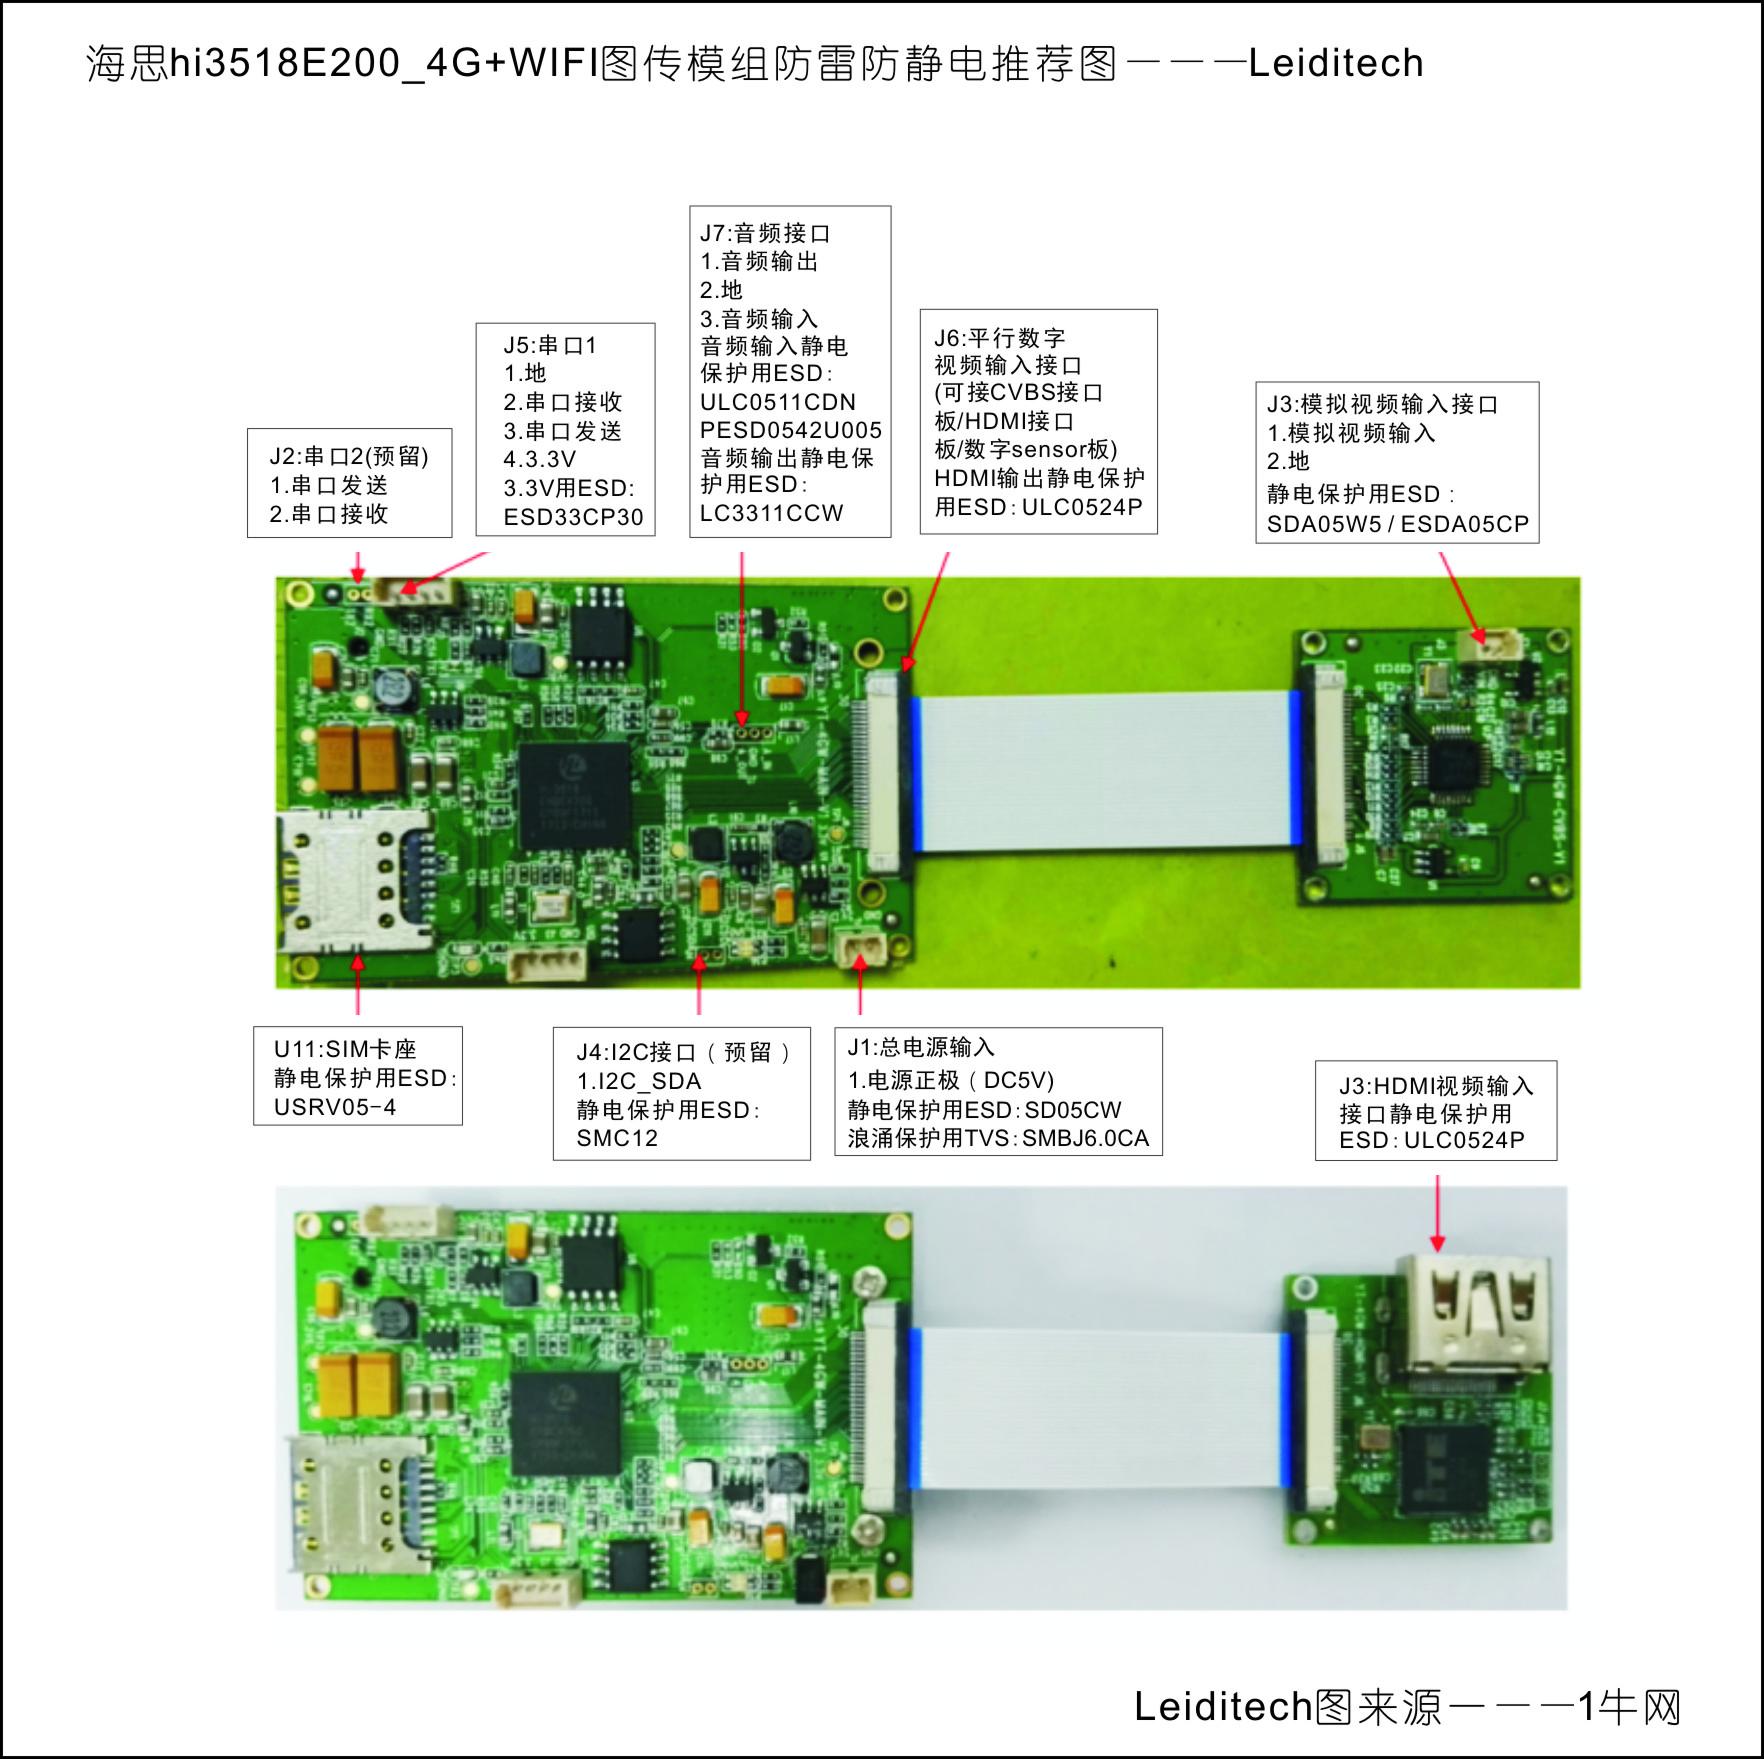 海思hi3518E200_4G+WIFI图传模组.jpg